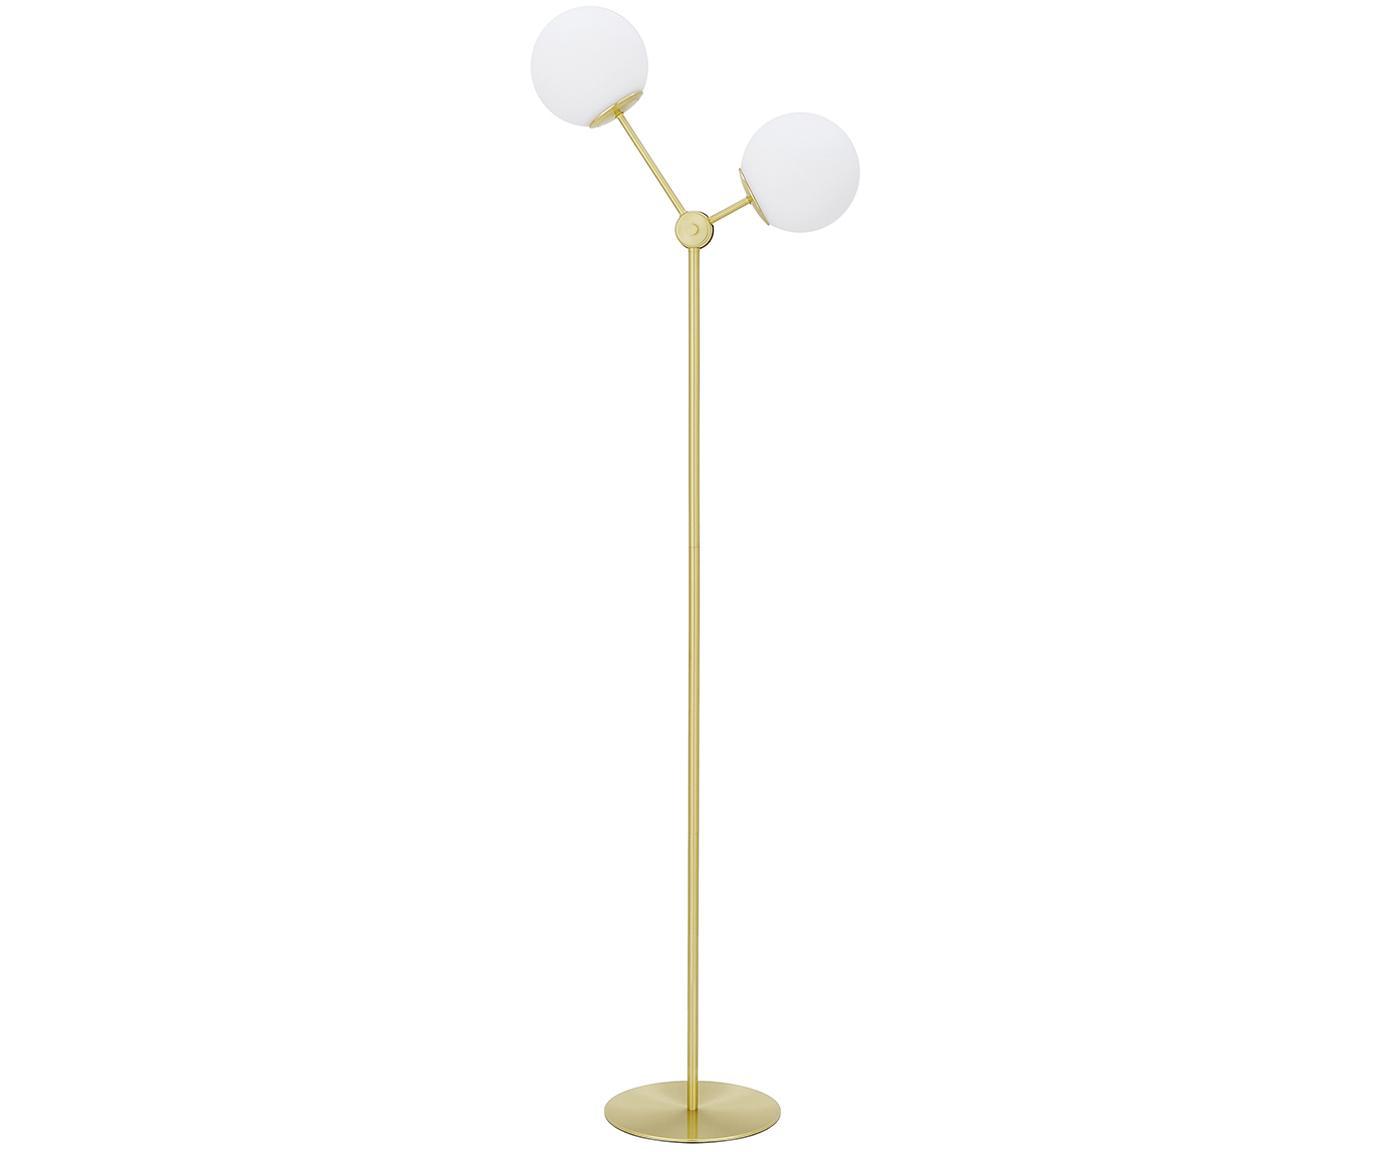 Stehlampe Aurelia in Gold, Messing, Weiss, Ø 25 x H 155 cm